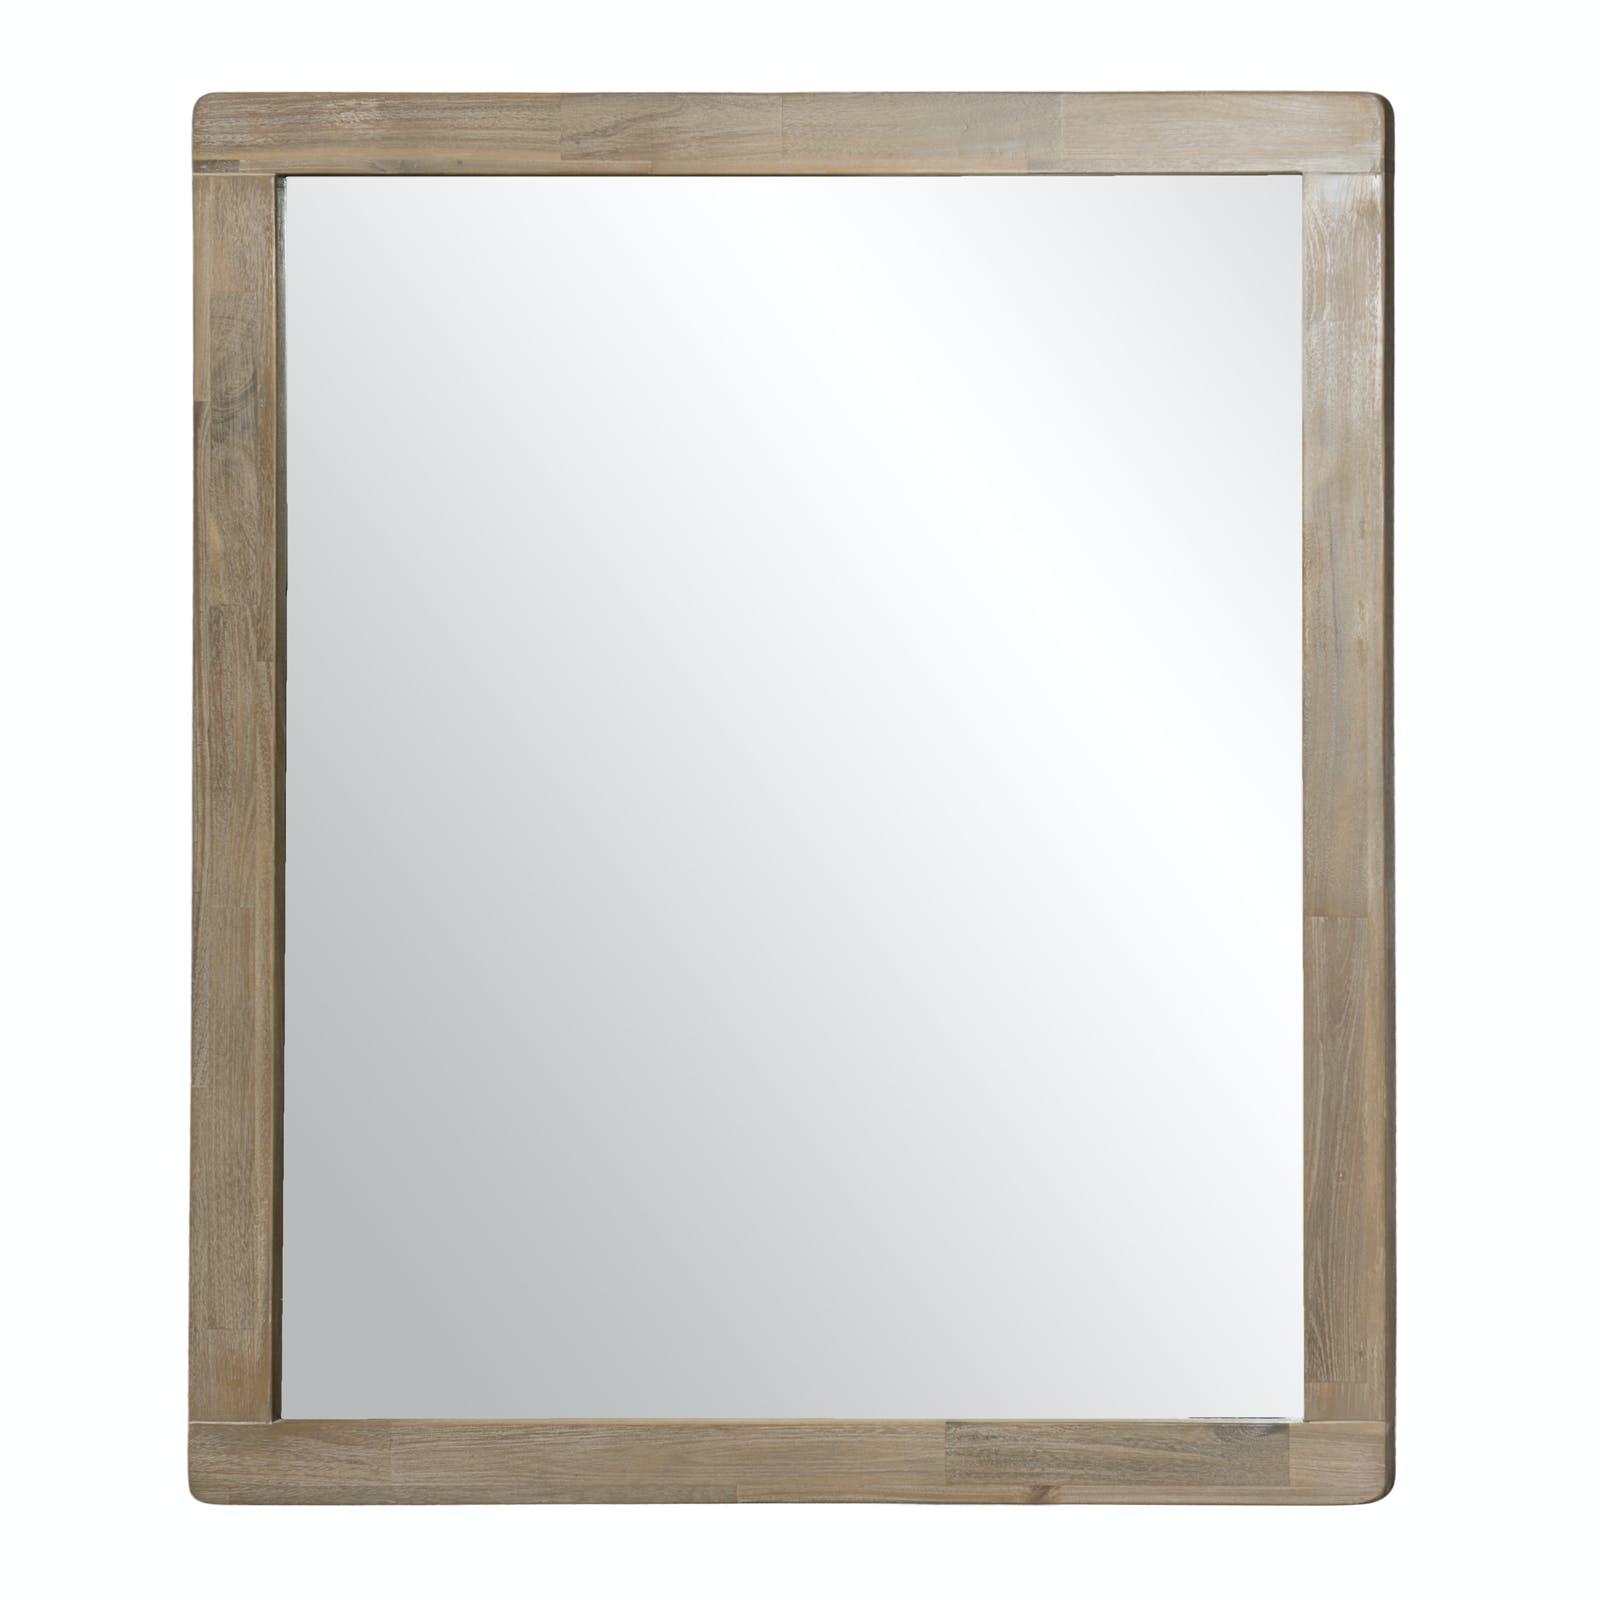 Miroir en Acacia massif 120x100cm PALMEIRA